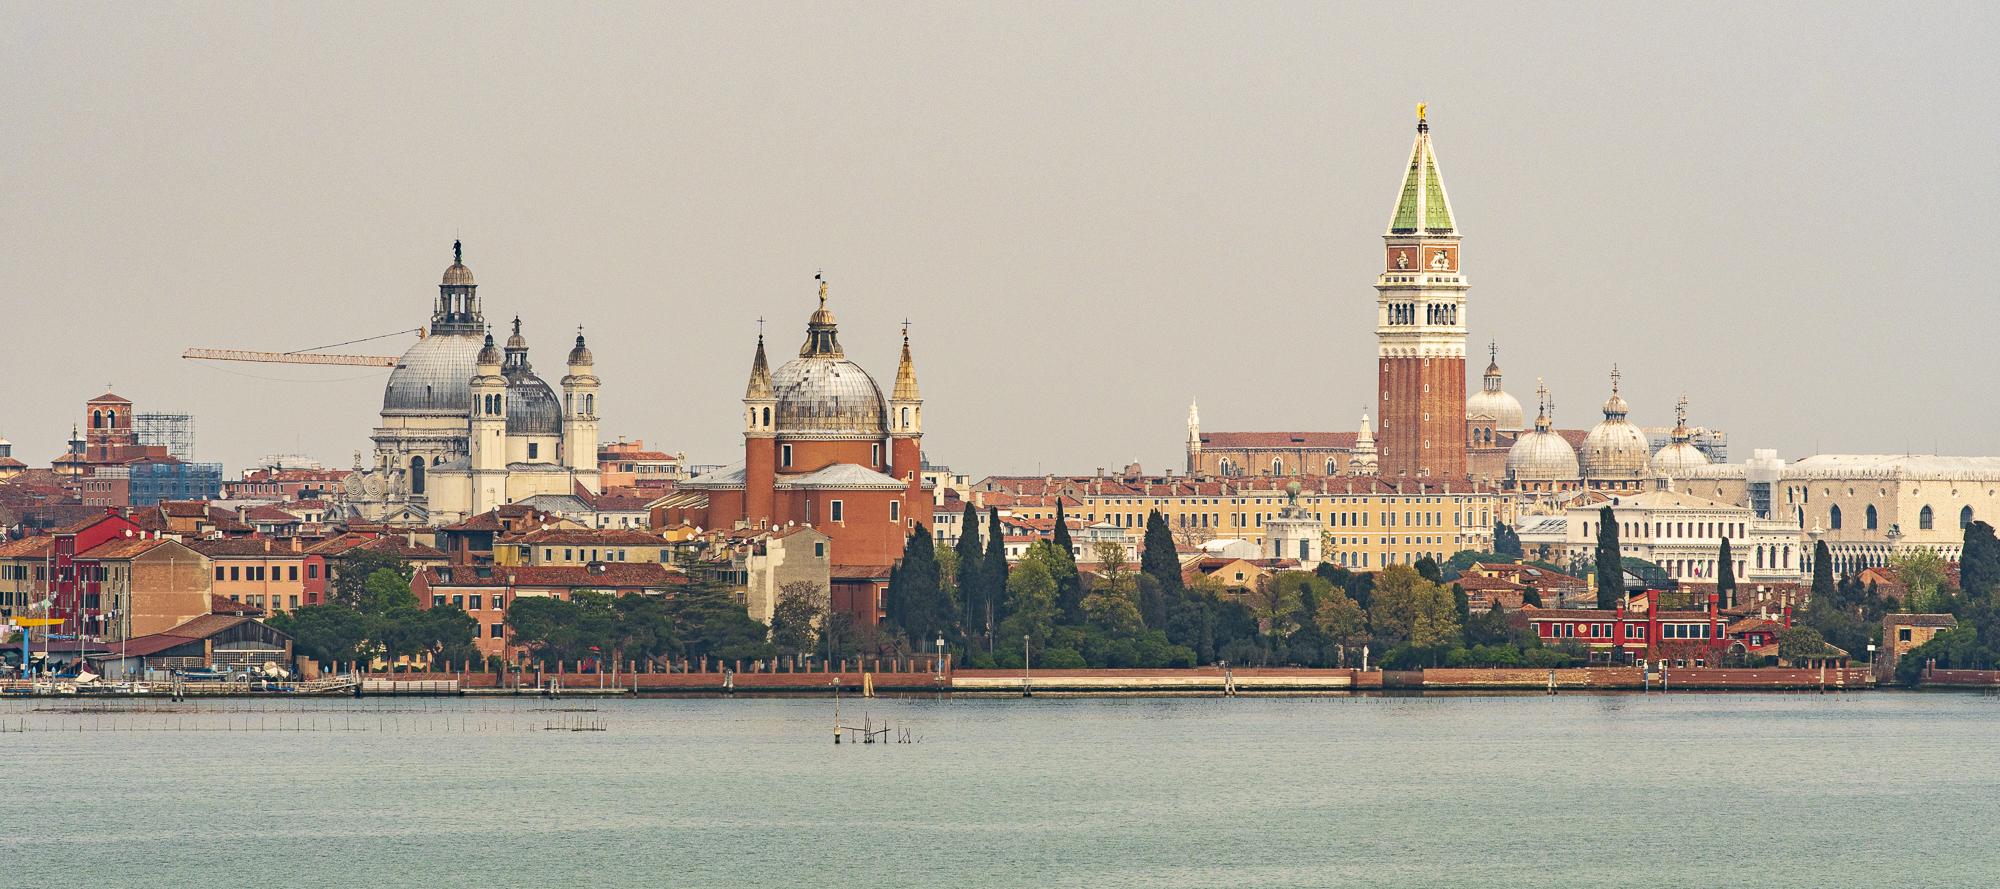 Venice as seen from Sacca Sessola  PHOTOGRAPHY: ALEXANDER J.E. BRADLEY • NIKON D500 • AF-S NIKKOR 70-200mm ƒ/2.8 FL ED VR4-70MM Ƒ/2.8G ED @ 200MM • Ƒ/8 • 1/1000 SEC • ISO 100